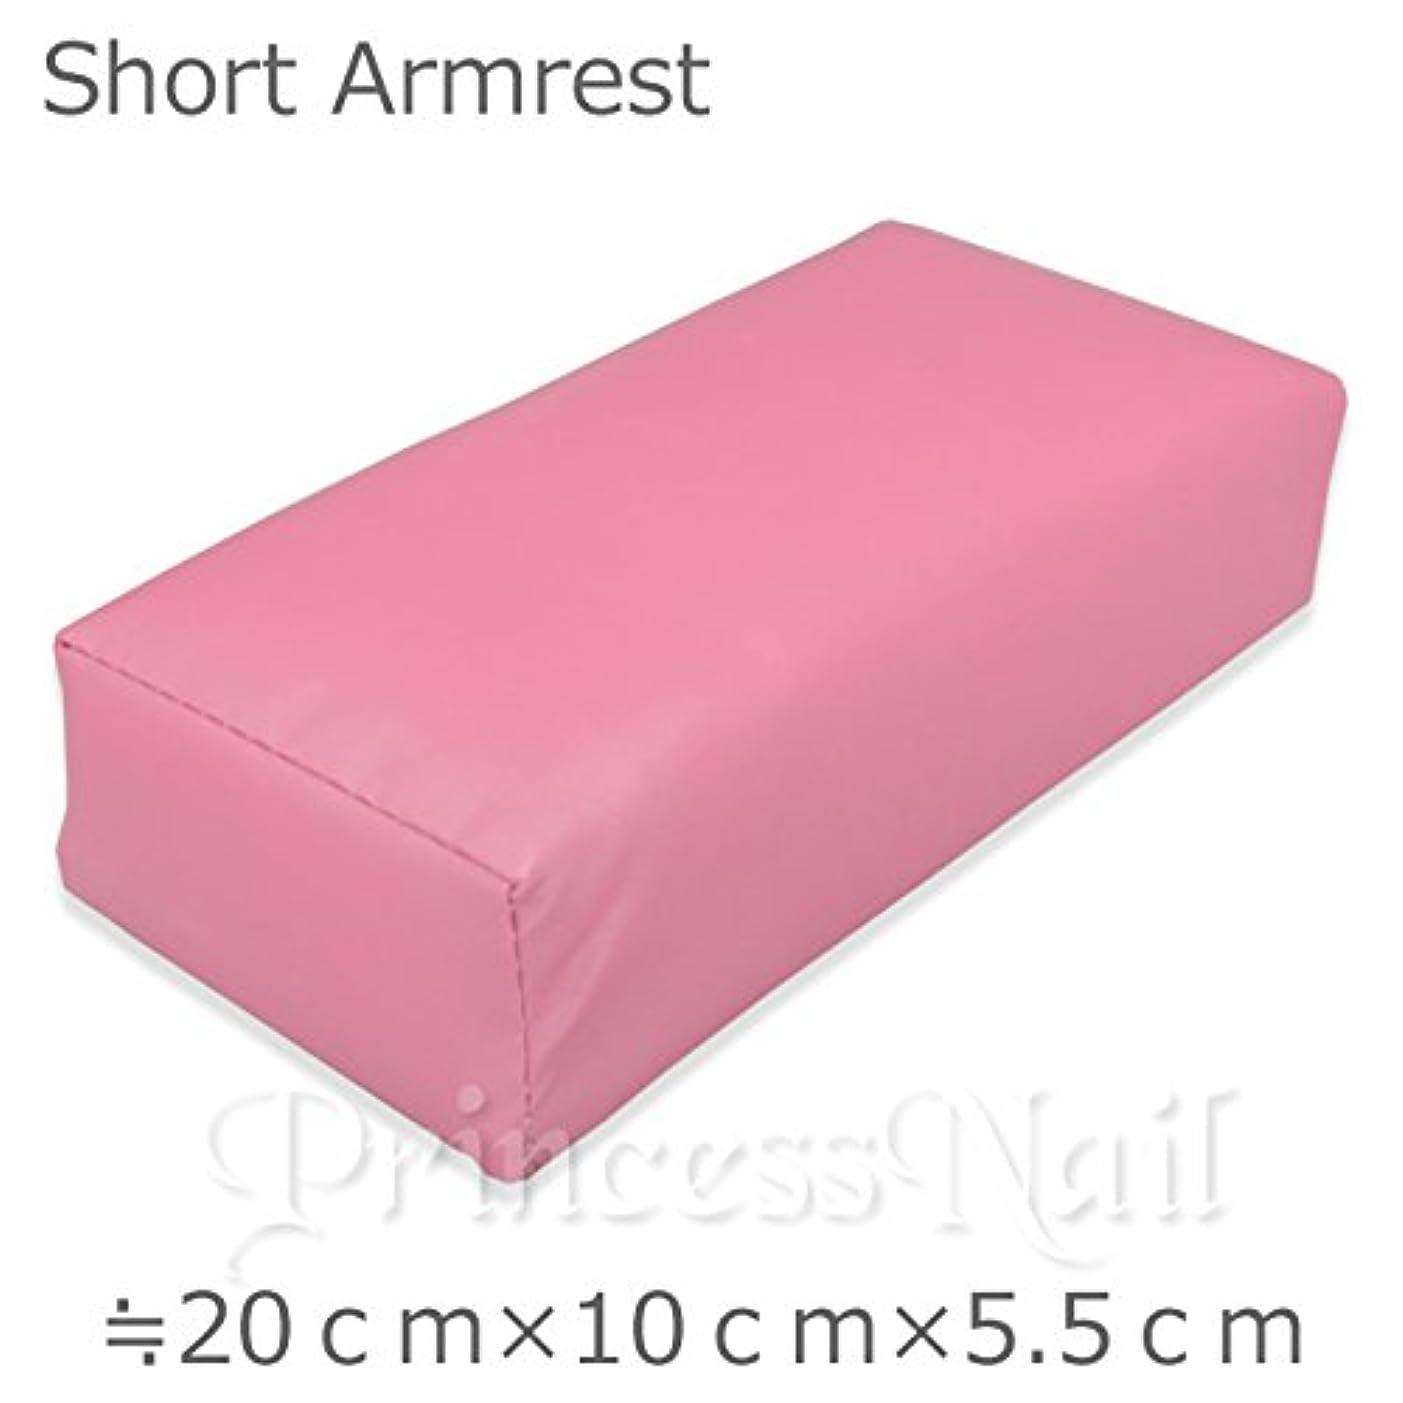 因子最小化する食欲ネイルケア用アームレスト ショートタイプ ハンドピロー 手枕 D10cm×W20cm×H5.5cm ハンド枕